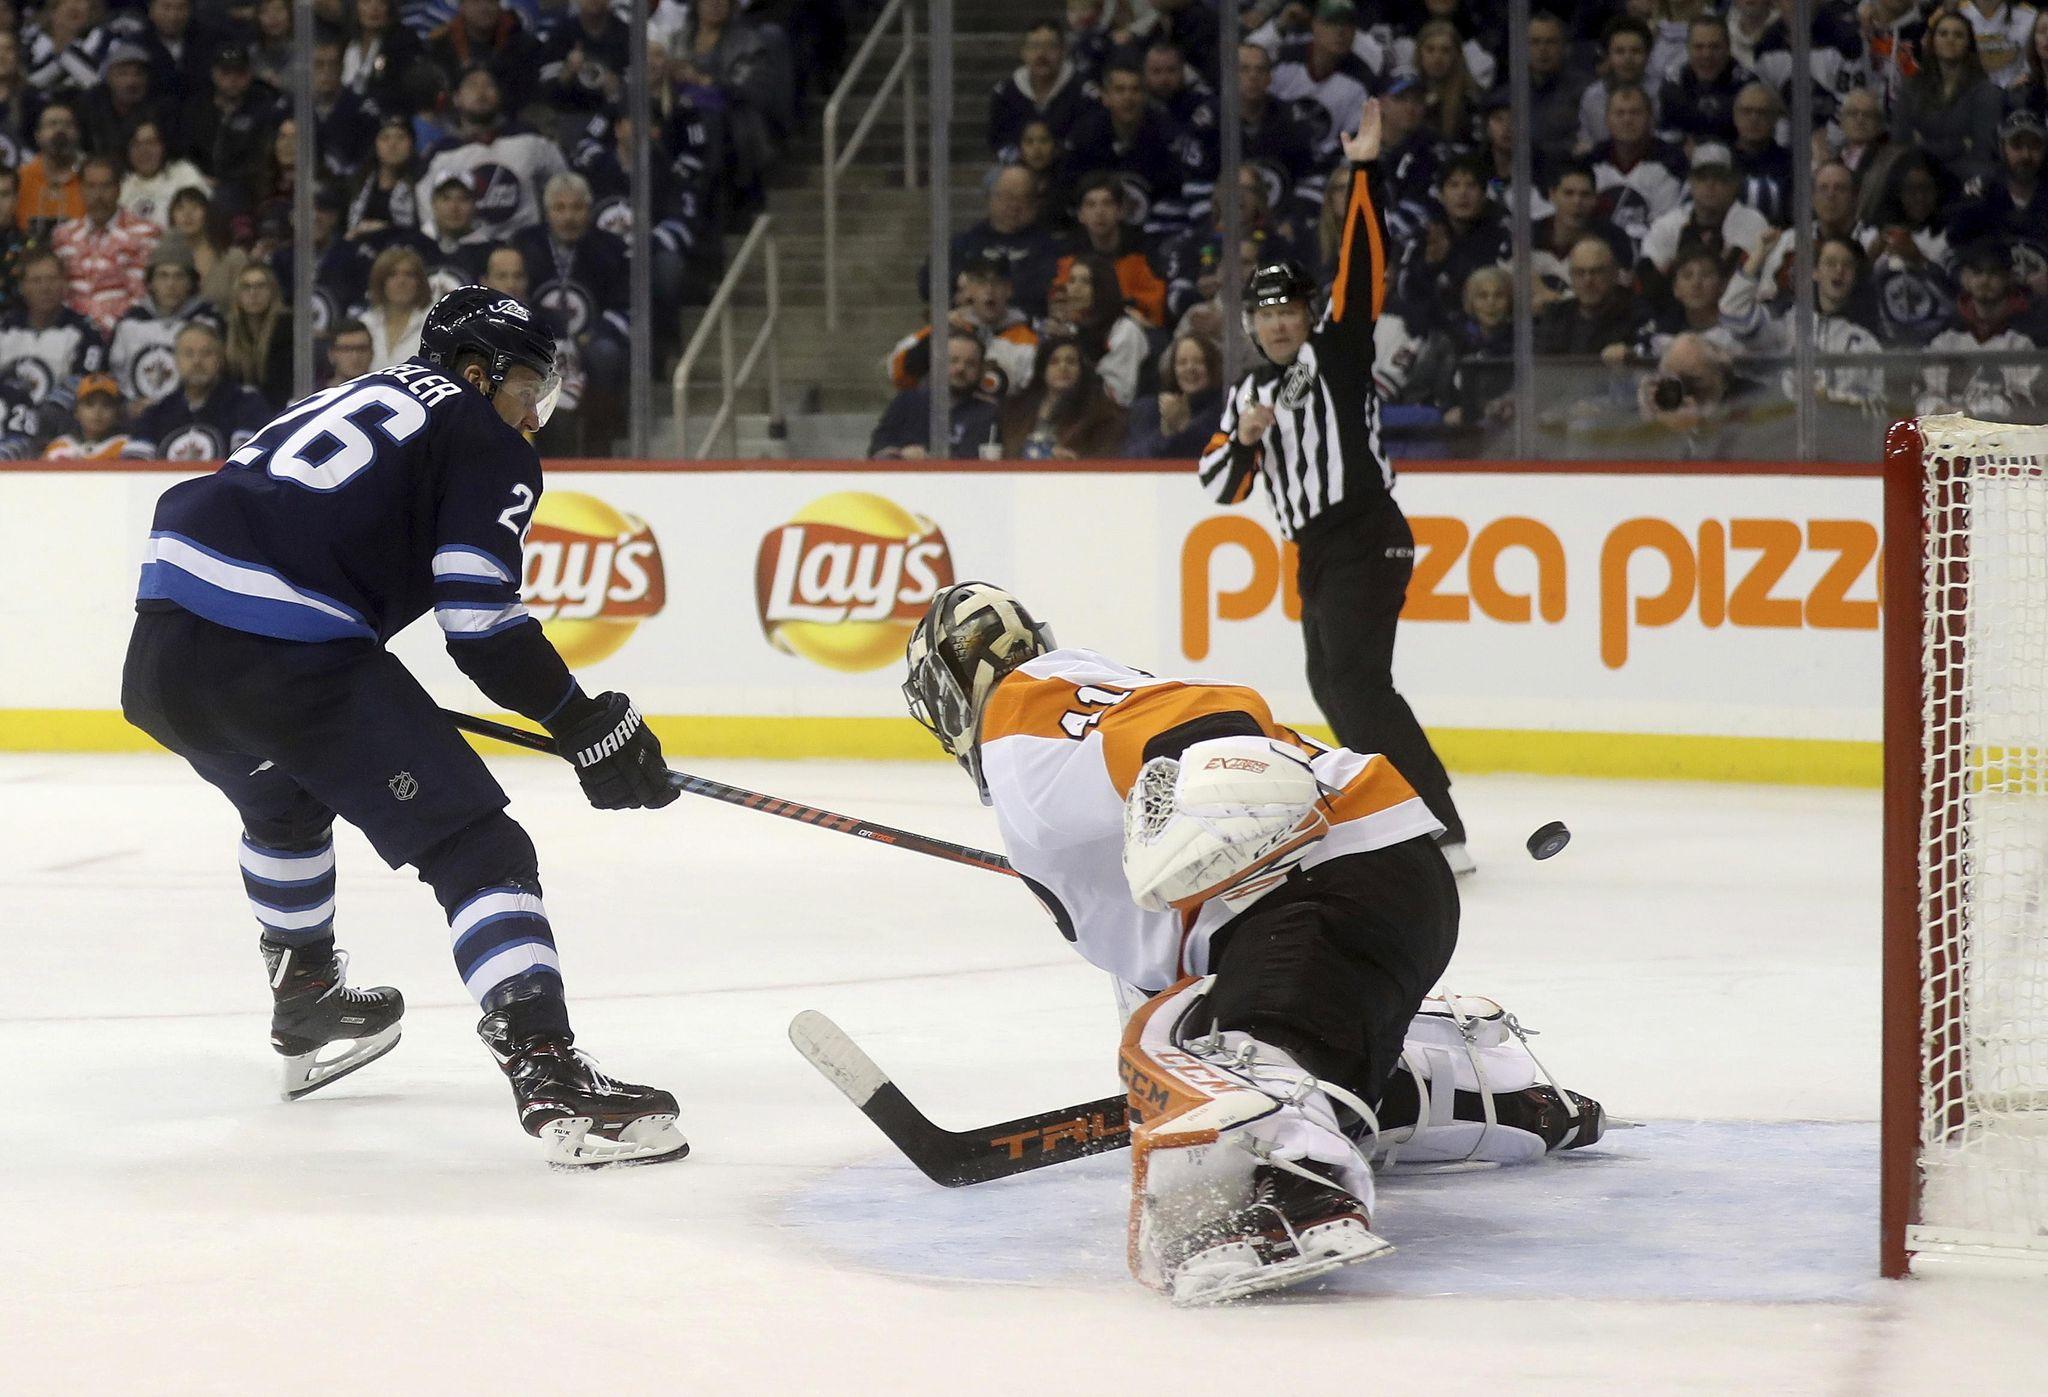 Flyers_jets_hockey_23952_s2048x1397